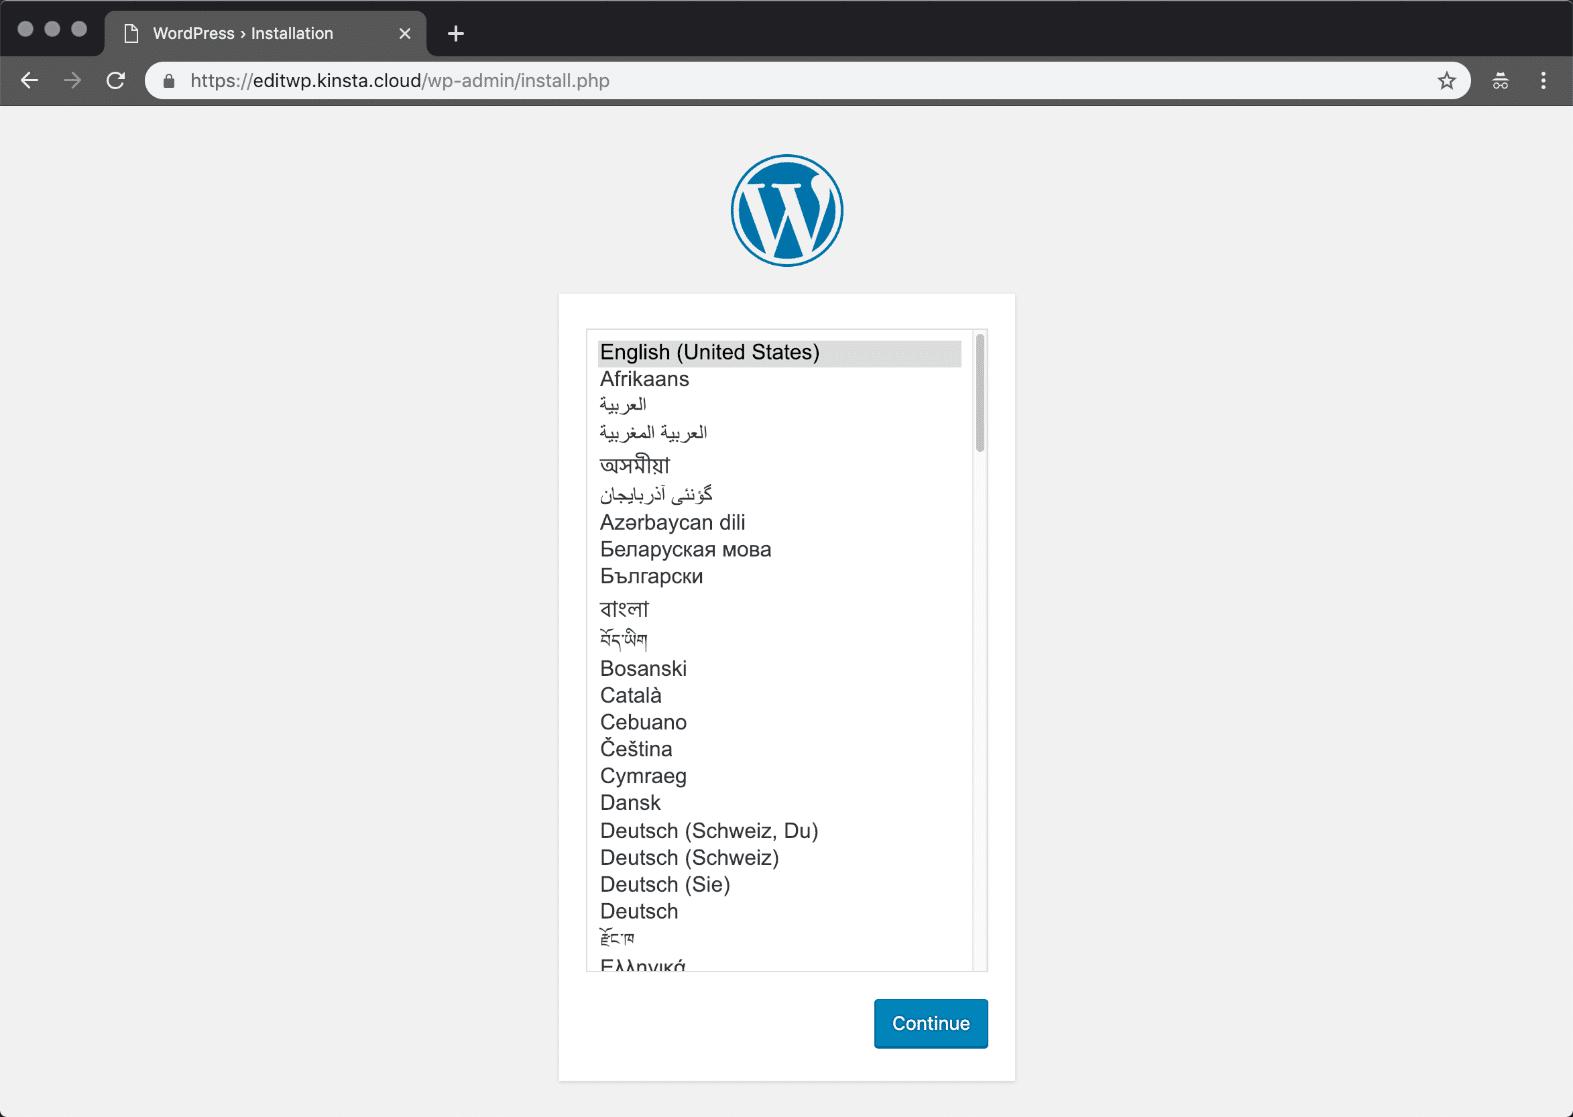 Idioma de instalación de WordPress